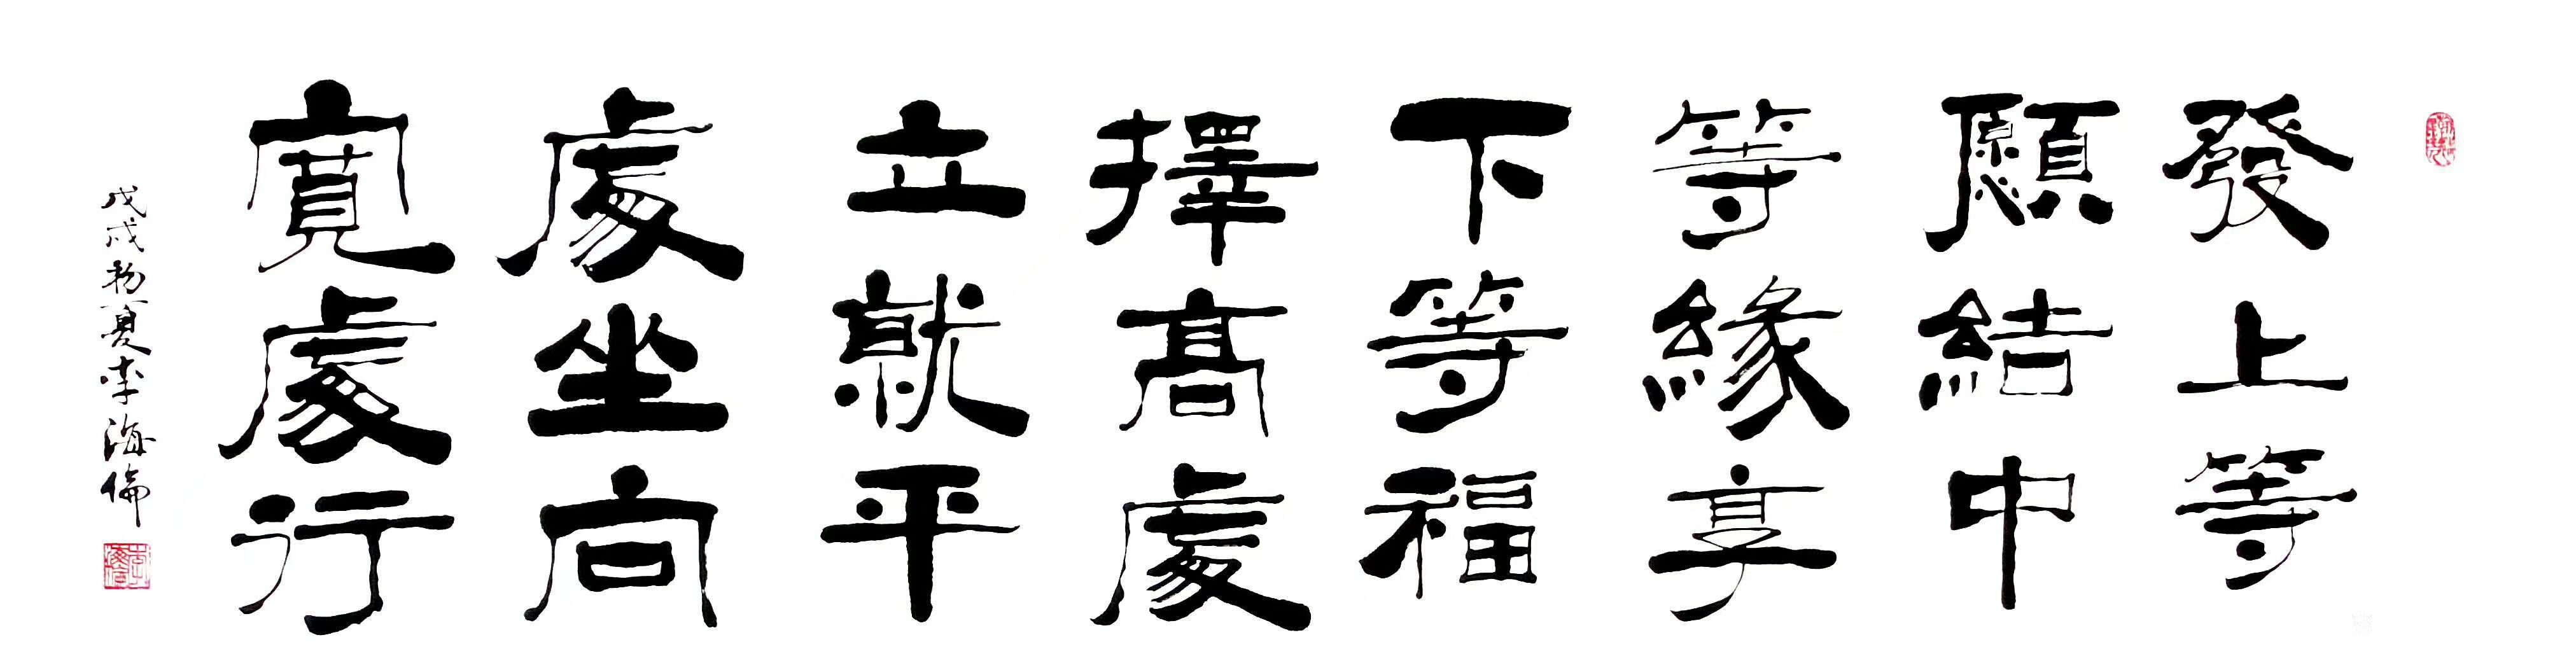 李牧日记-发一组书法作品《厚德载物》,《宁静致远》,《发上等愿,结图片